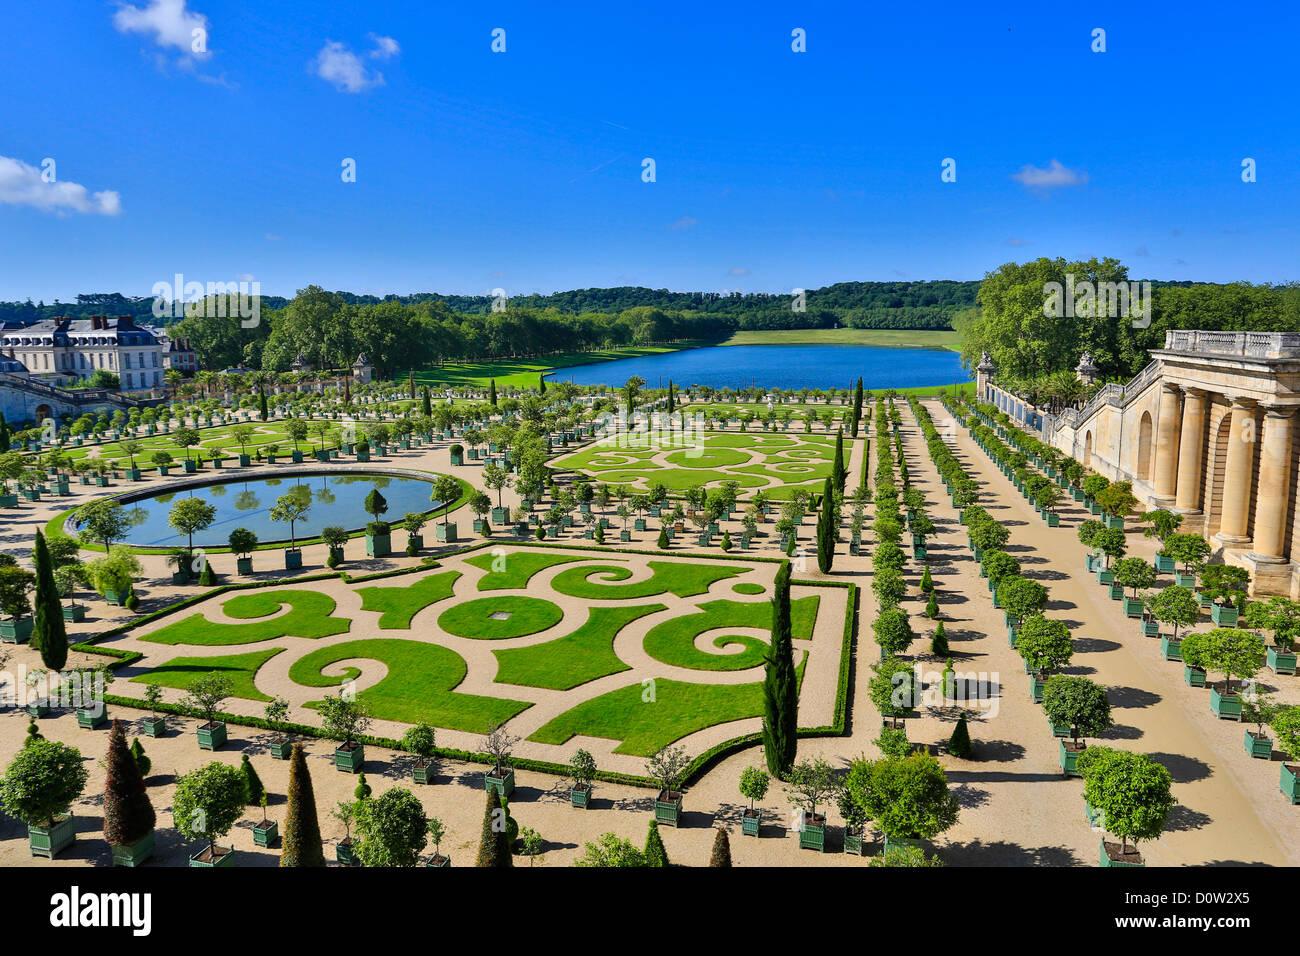 Frankreich, Europa, Reisen, Versailles, Weltkulturerbe, Gärten, Detail, Architektur, Burg, Geschichte, Tourismus, Stockbild